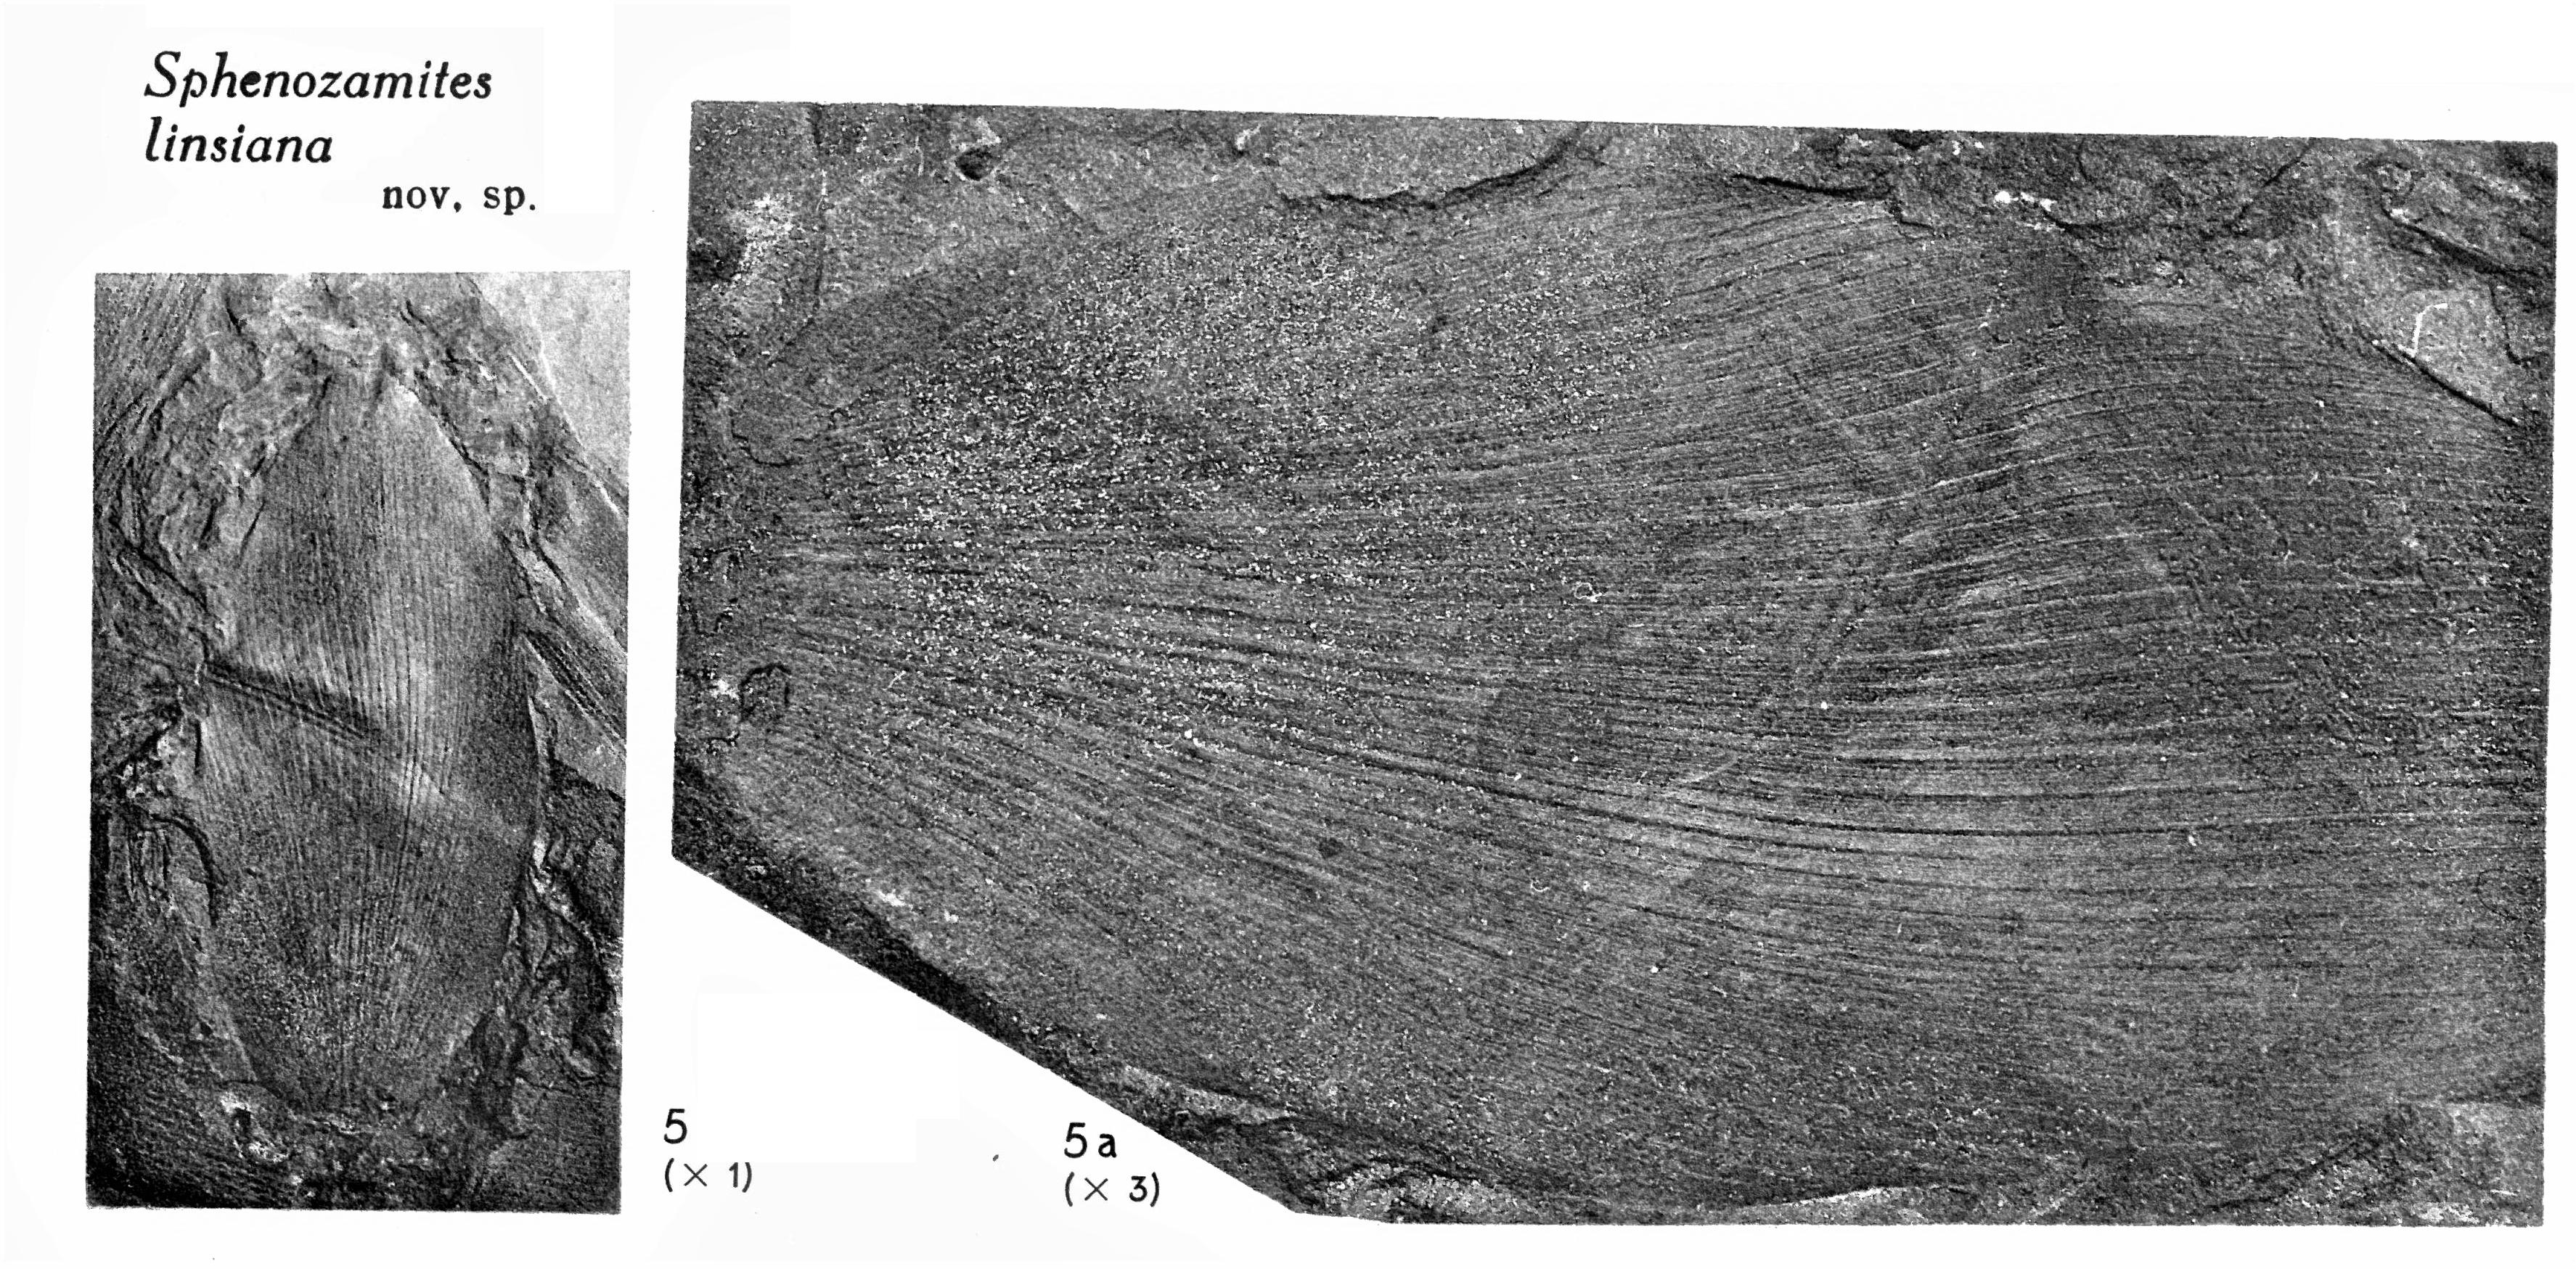 Pl. VII ; Fig 5, 5a